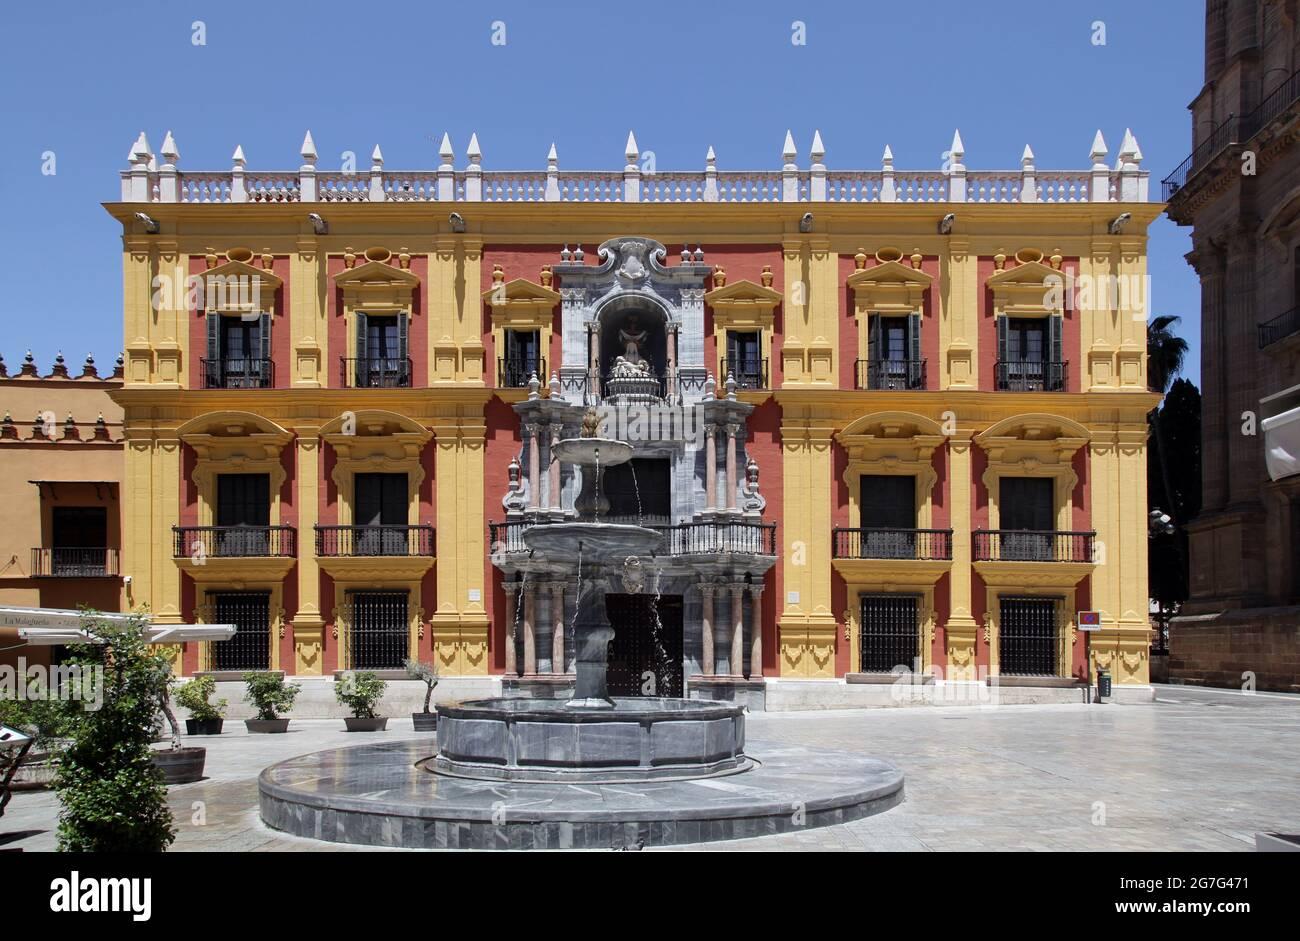 Palais de l'évêque / Palacio del Obispo / Palais de l'évêque à partir de 1762 sur la Plaza del Obispo, importante place baroque à Málaga.Andalucía Espagne Banque D'Images